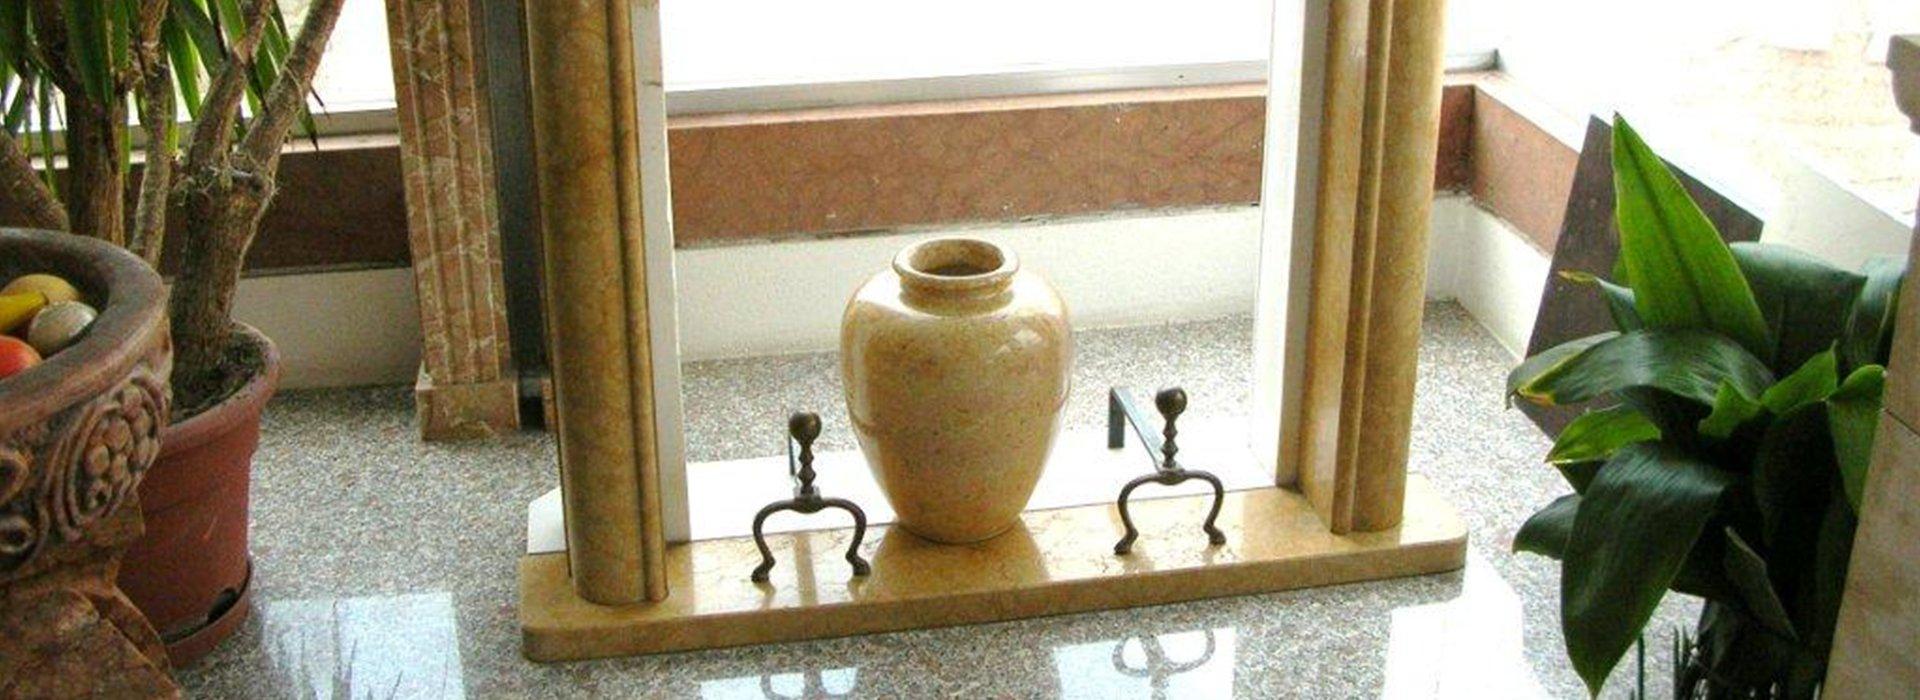 Complementi d arredo in marmo statue acquasantiere for Complementi d arredo vendita online